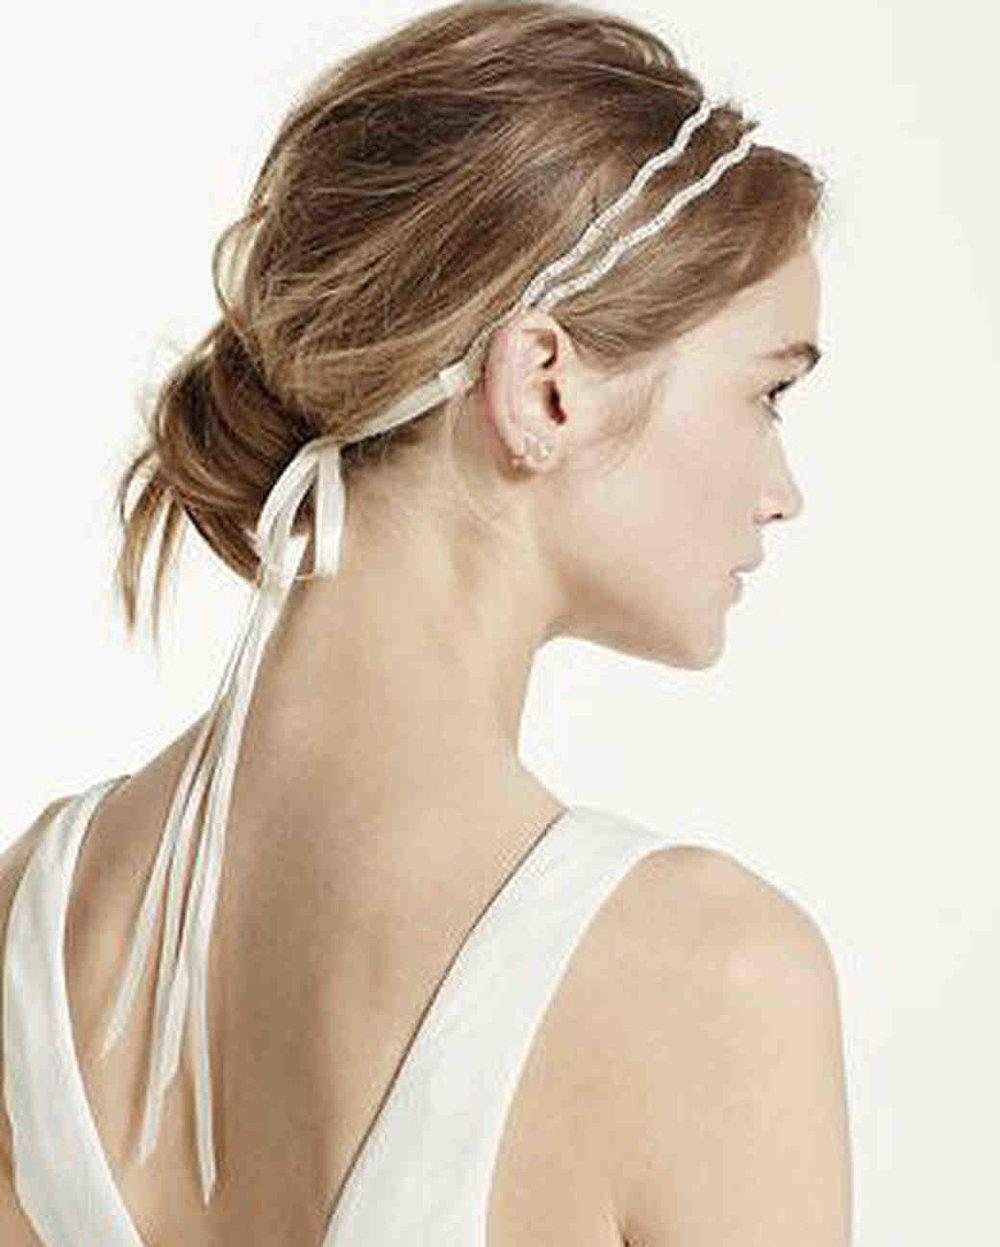 modern-headpieces-davids-bridal-0218_vert.jpg